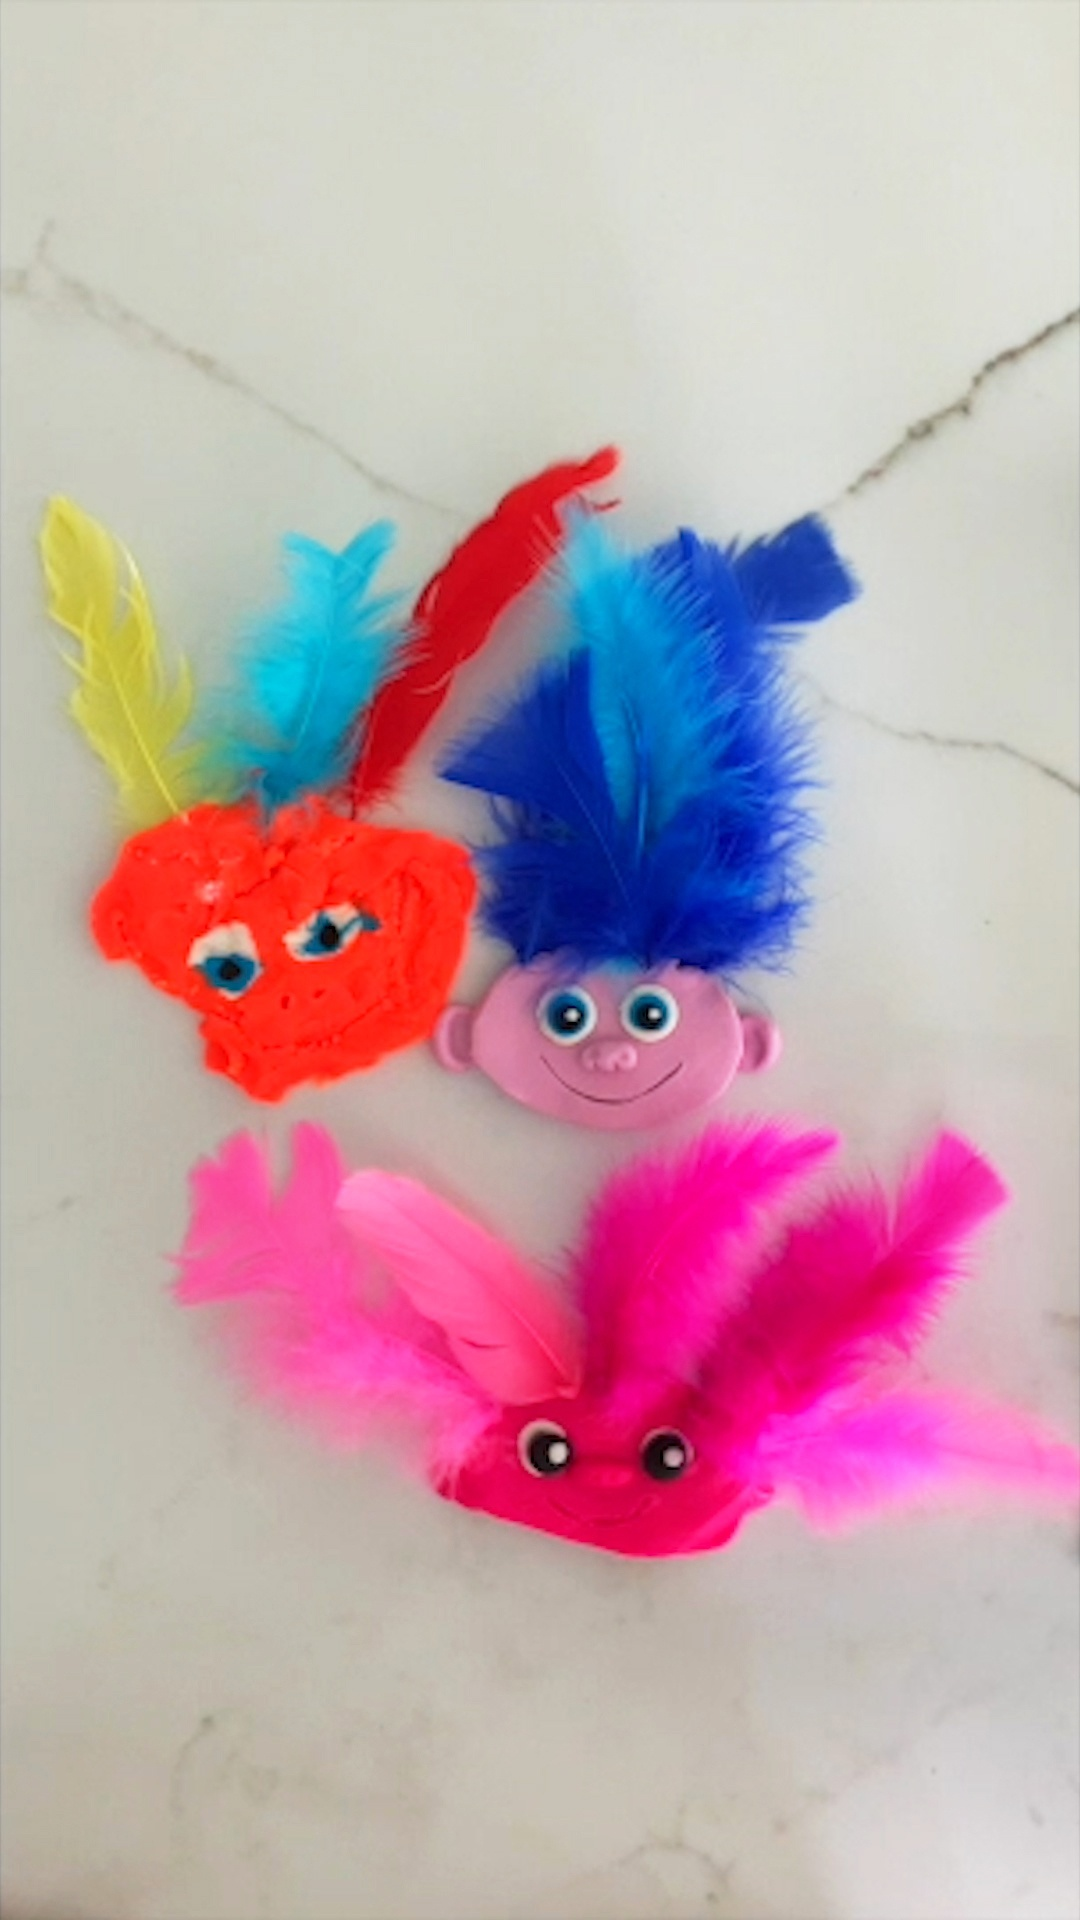 Play-Doh art in the shape of trolls